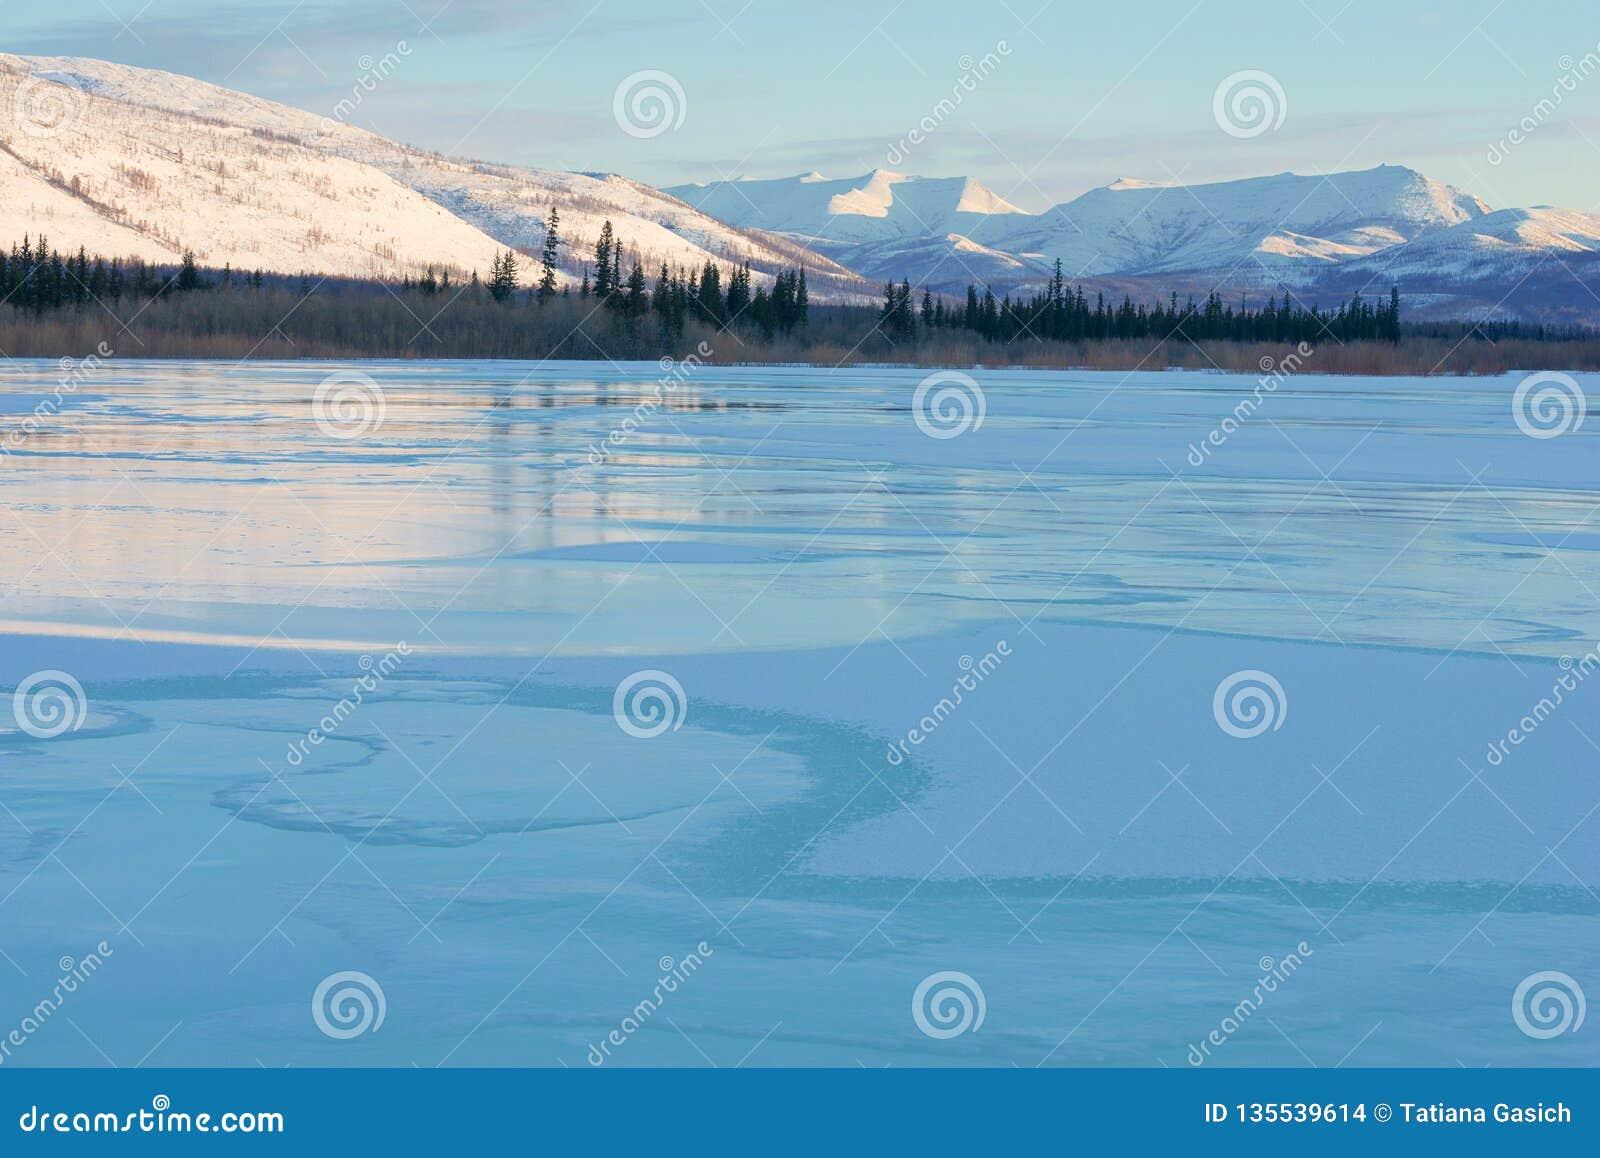 Μπλε πάγος της παγωμένης λίμνης στο πρωί Χειμερινό τοπίο στα βουνά και ο χειμερινός δρόμος στο Γιακουτία, Σιβηρία, Ρωσία